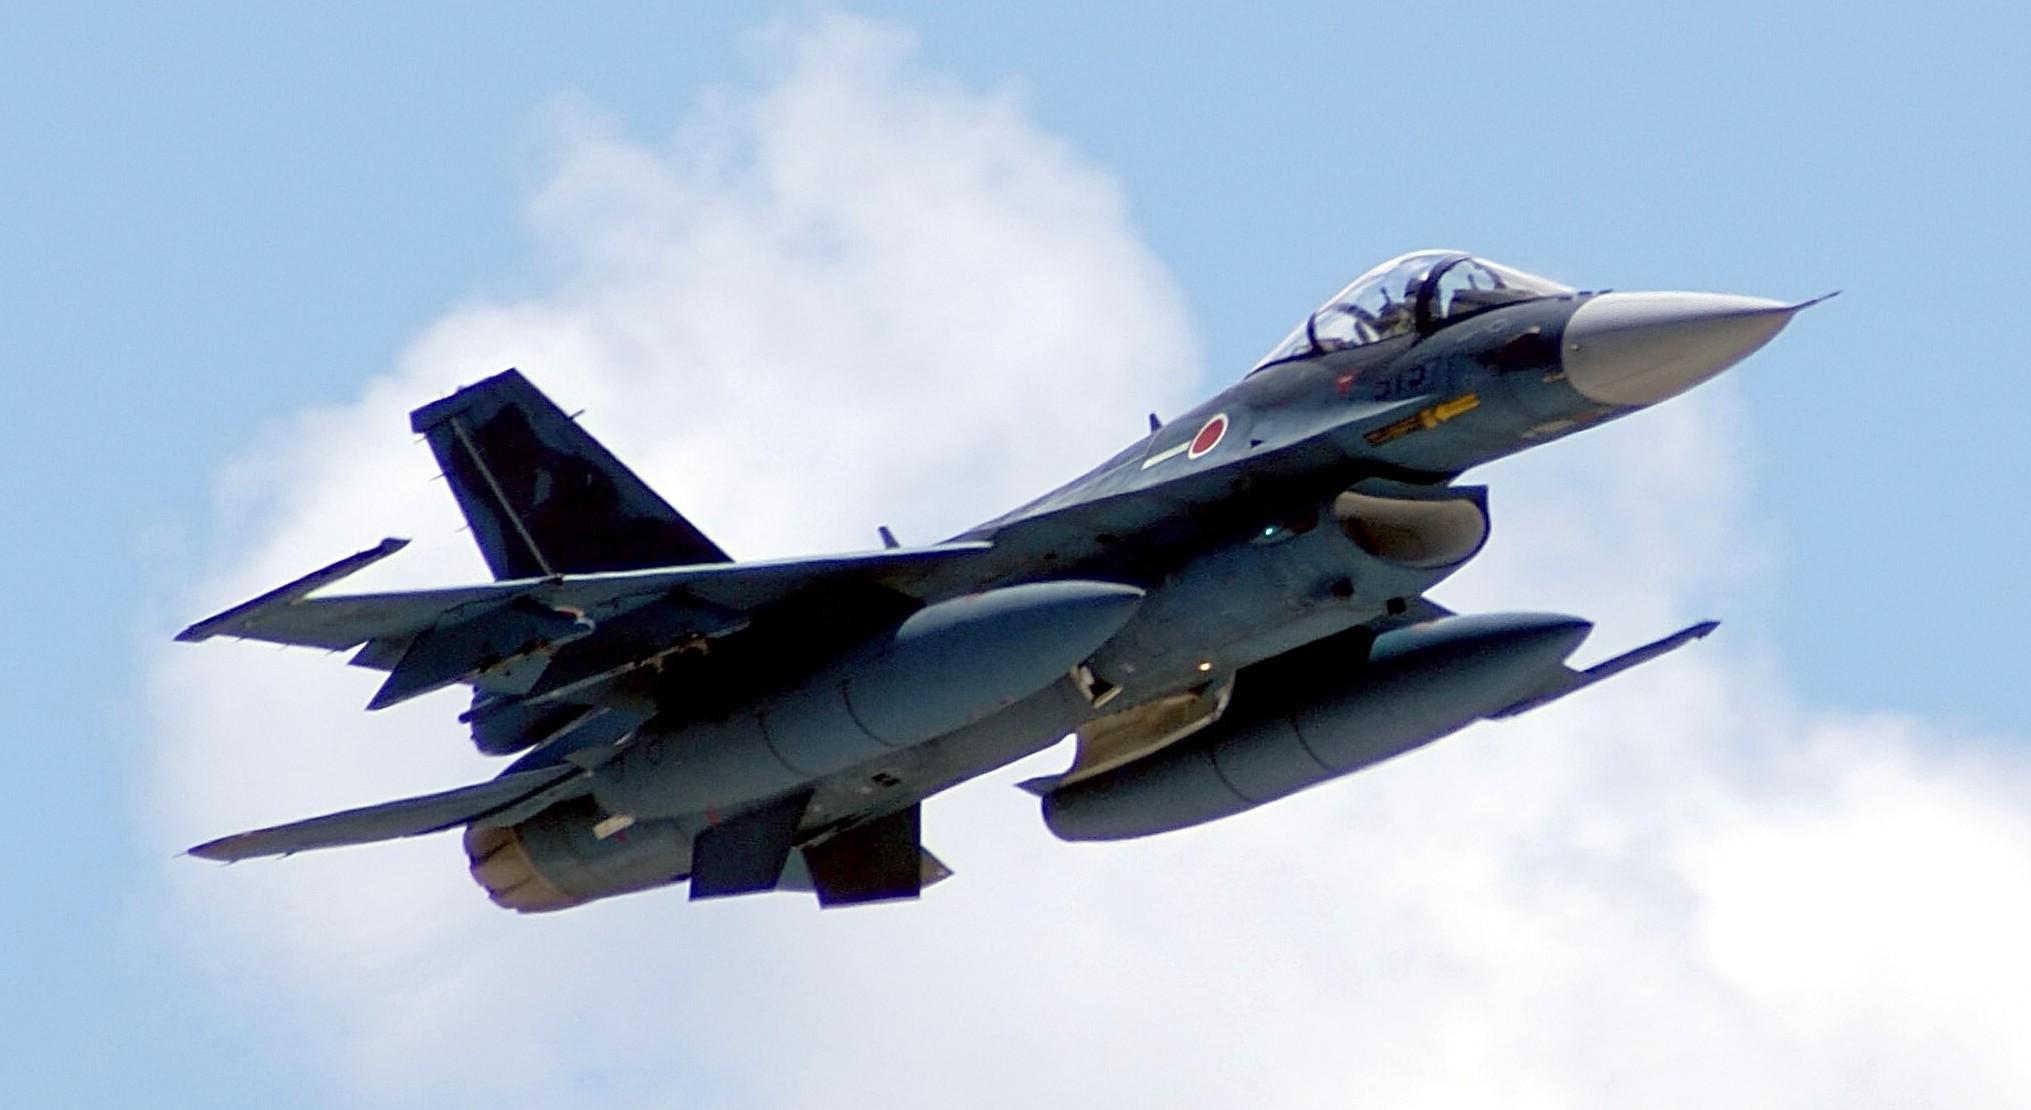 الصناعة العسكرية اليابانية,,,ماذا بعد؟! Mitsubishi_F-2_at_Guam_(Cropped)